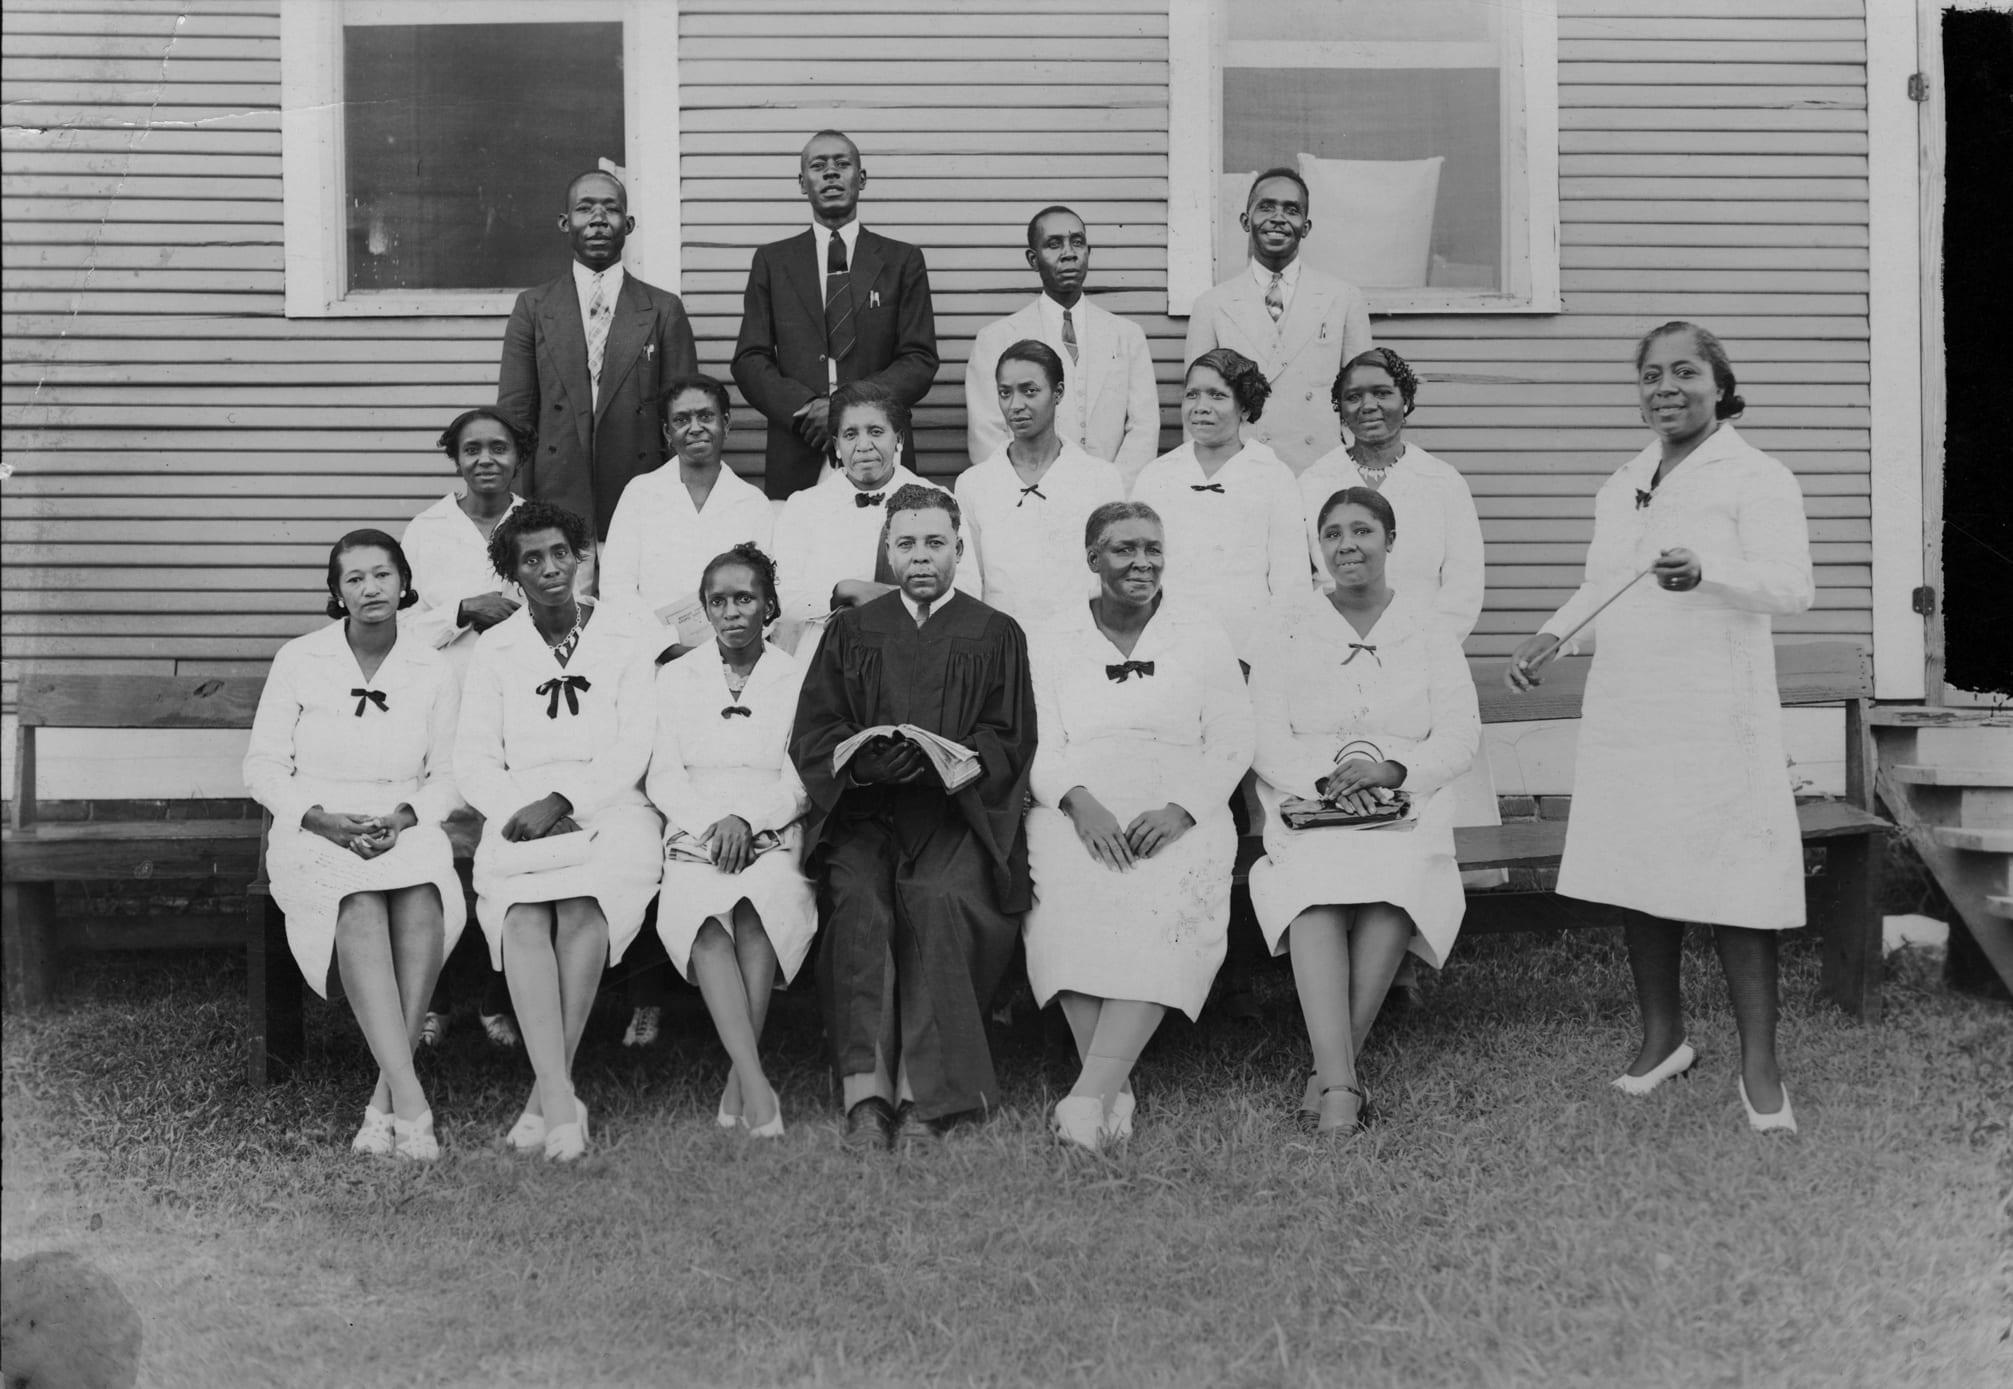 1940 – Senior Choir, Morning Star Church